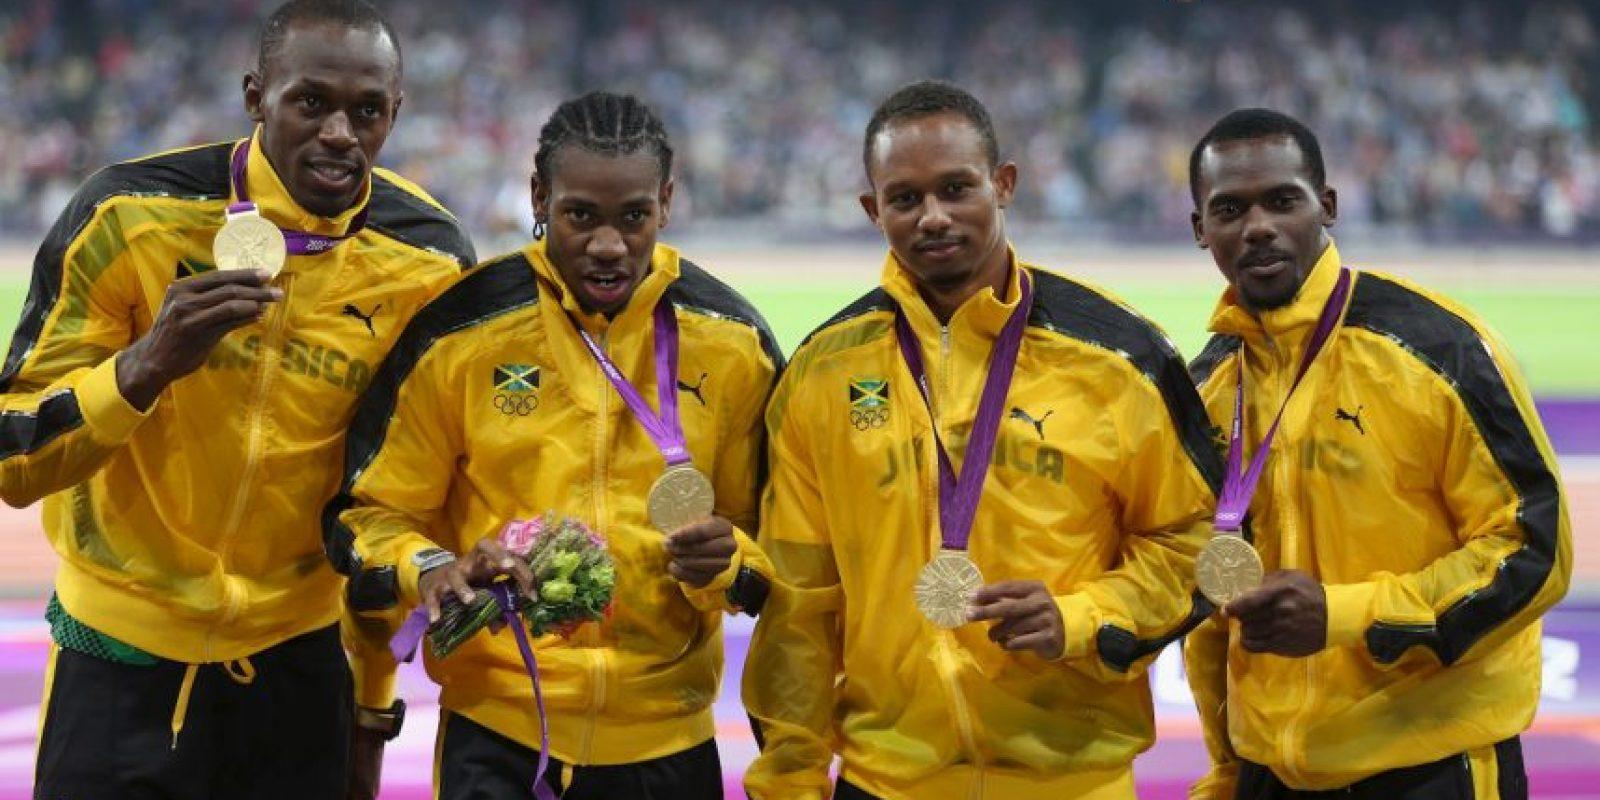 Medalla de Oro en Londres 2012 en relevos 4×100 metros. Foto:Getty Images